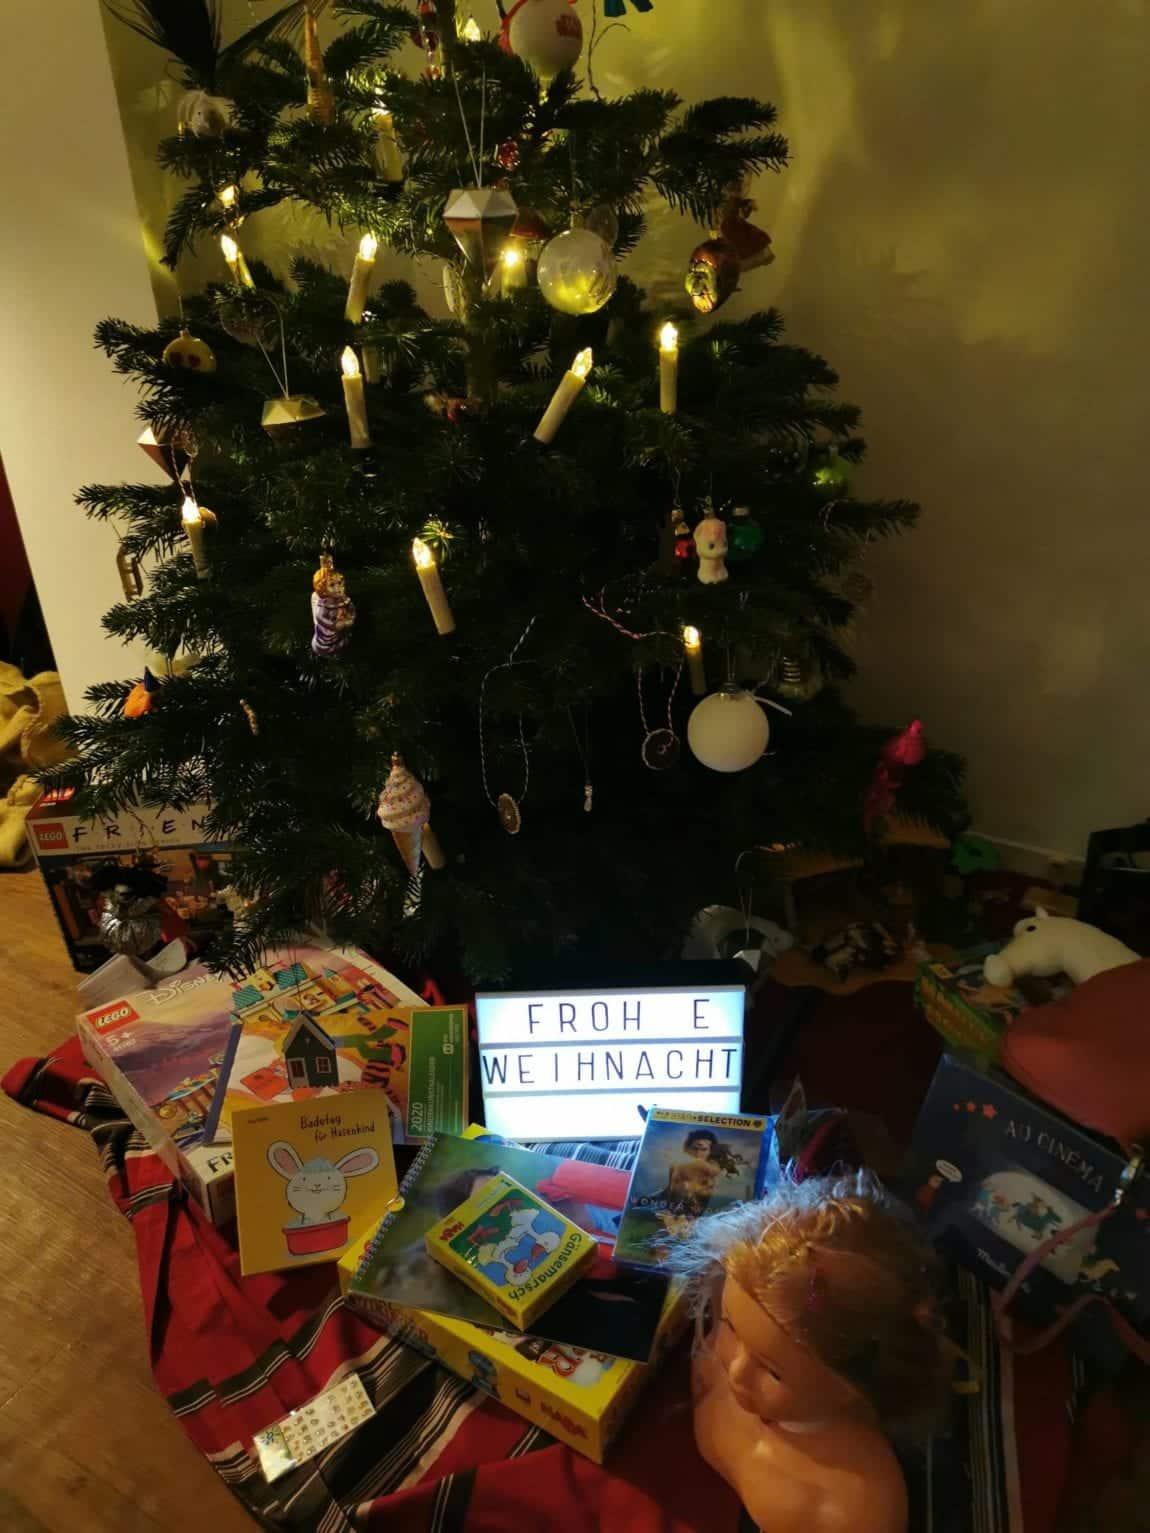 Weihnachten in Bildern 2019